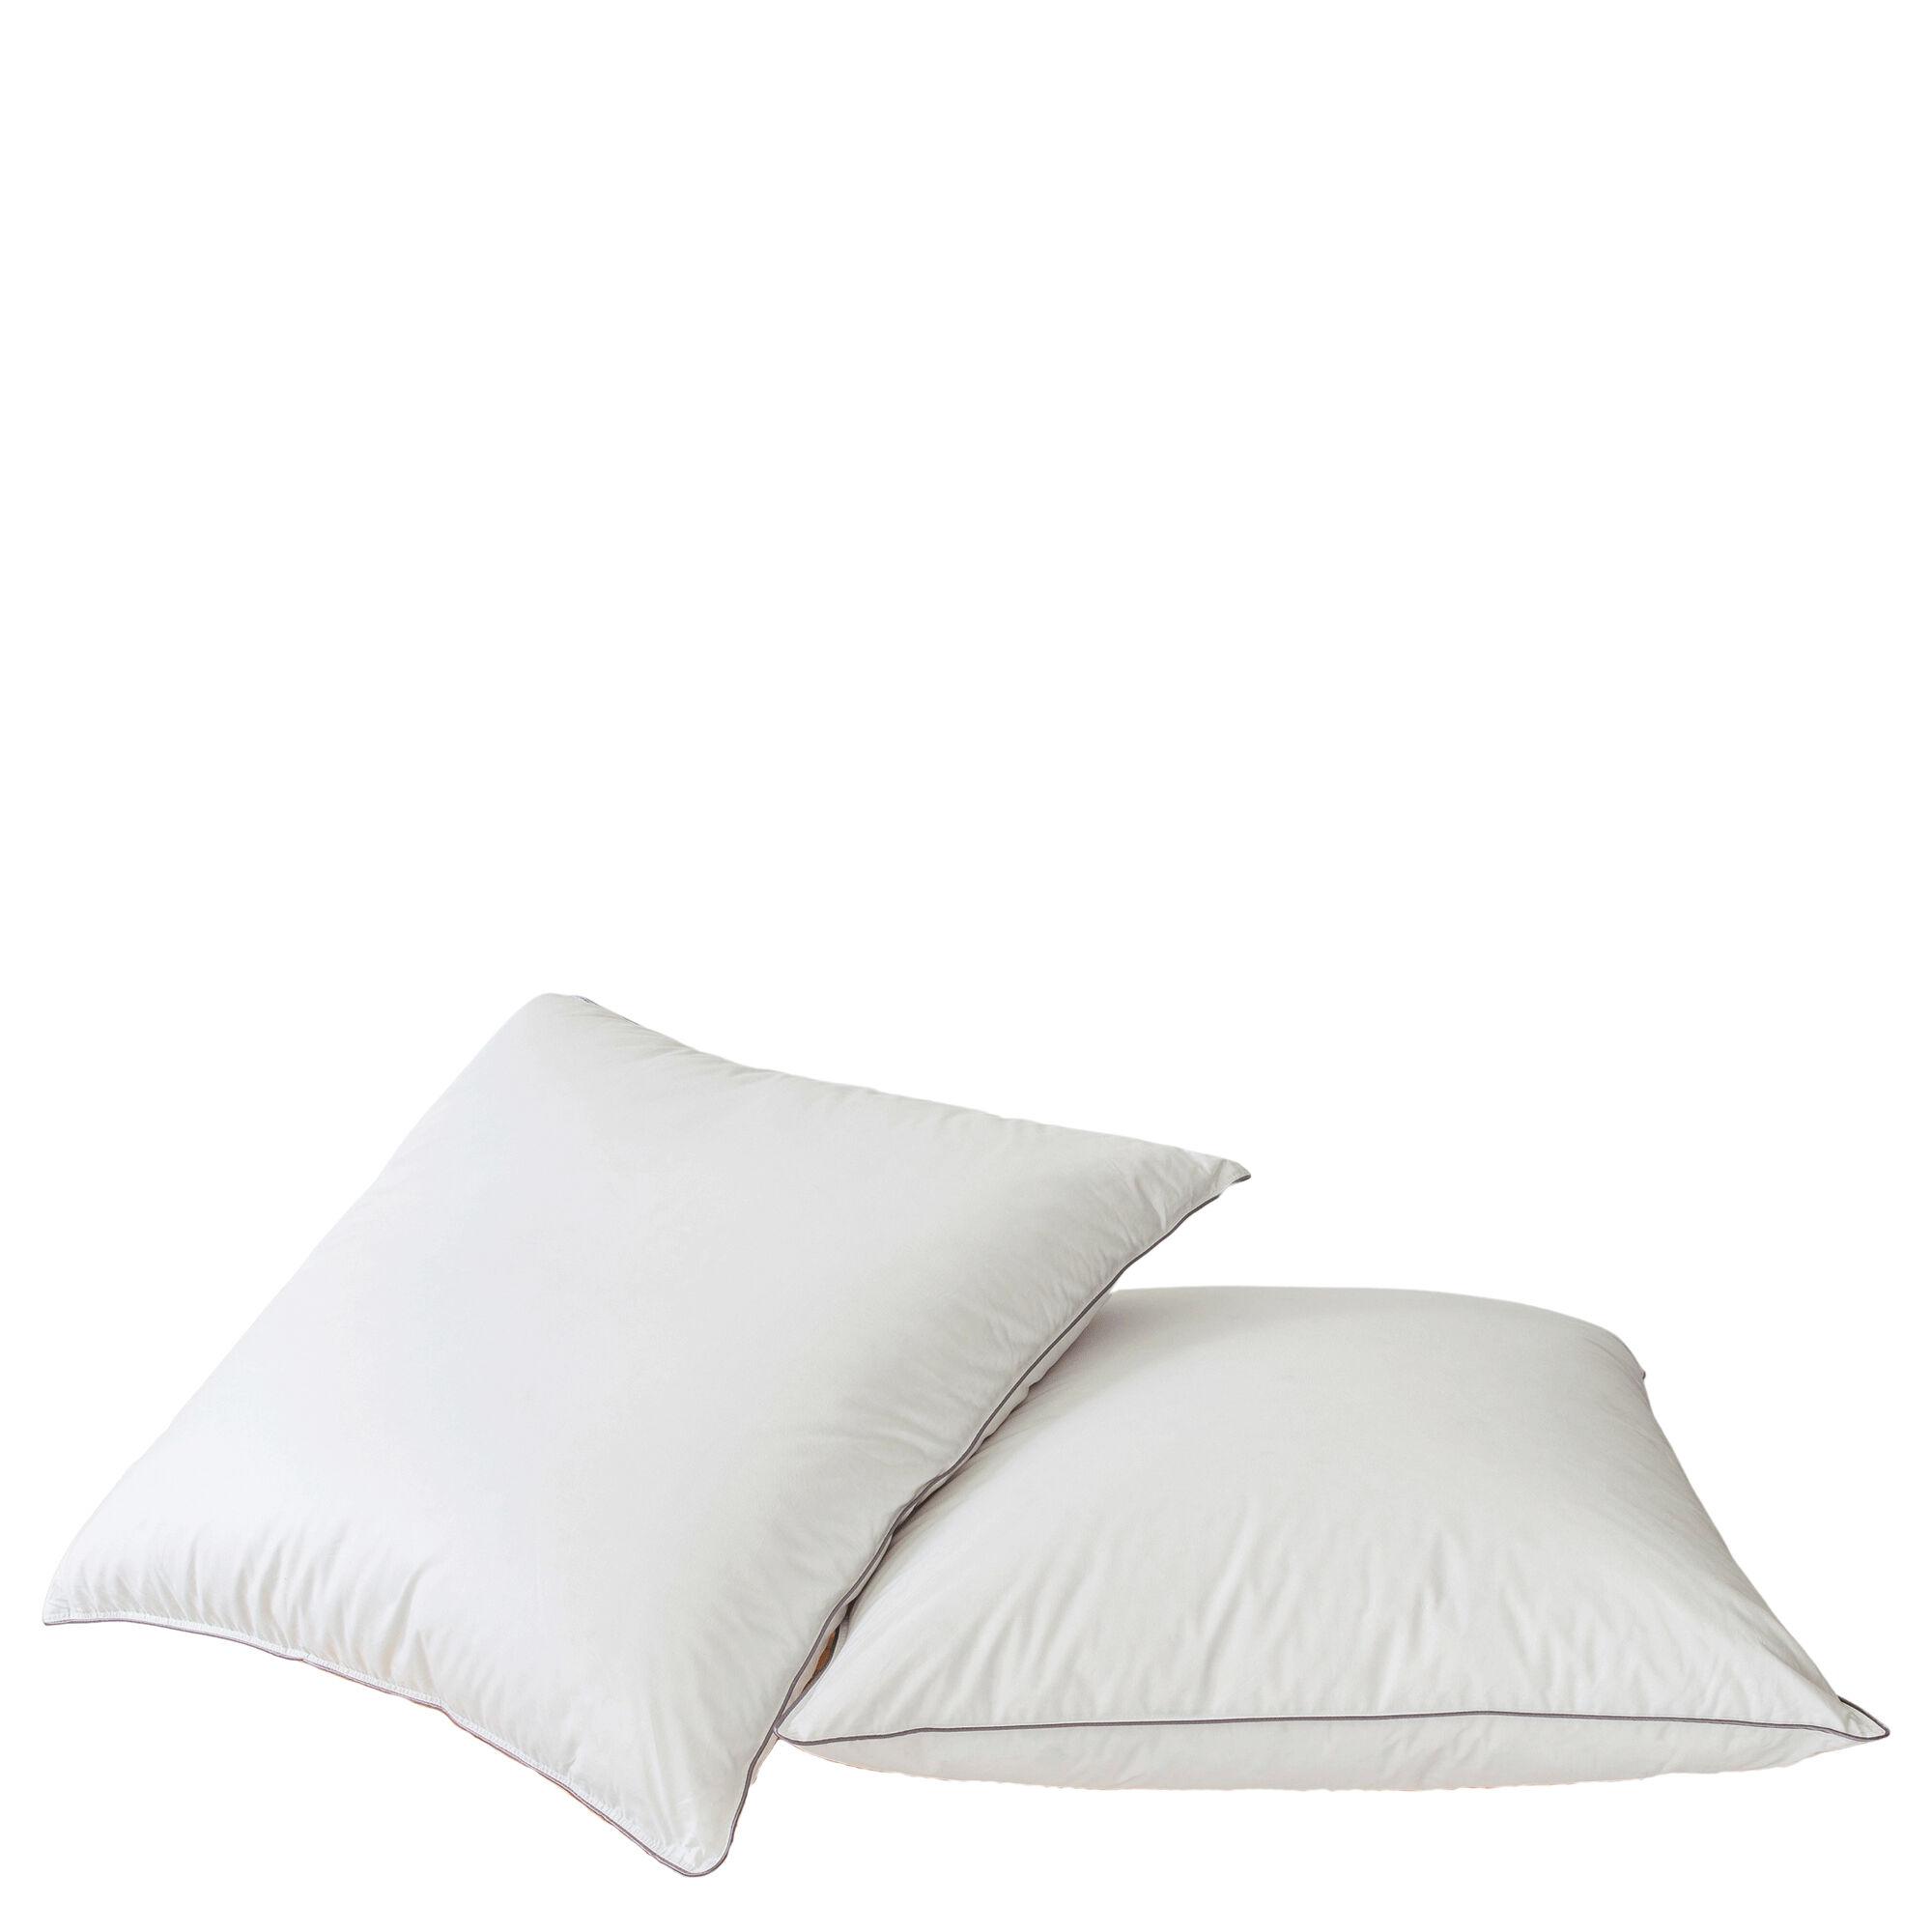 MPC Maison Oreiller htel luxe en Synthétique Blanc 65x65 cm